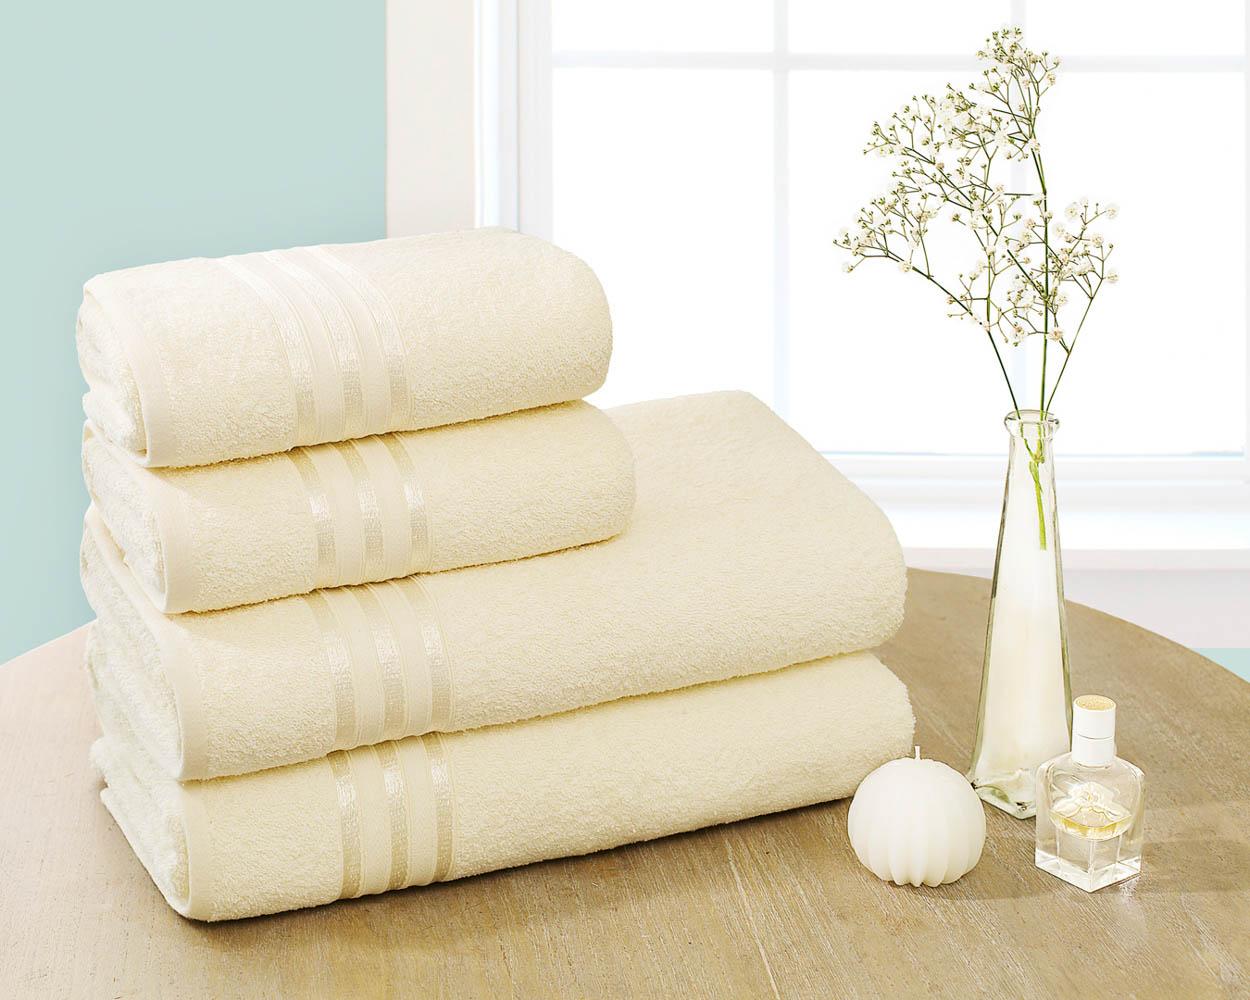 Полотенца Dome Набор из 4 полотенец Harmonika Цвет: Молочный полотенца кухонные la pastel набор полотенец 4 предмета из микрофибры 30х30